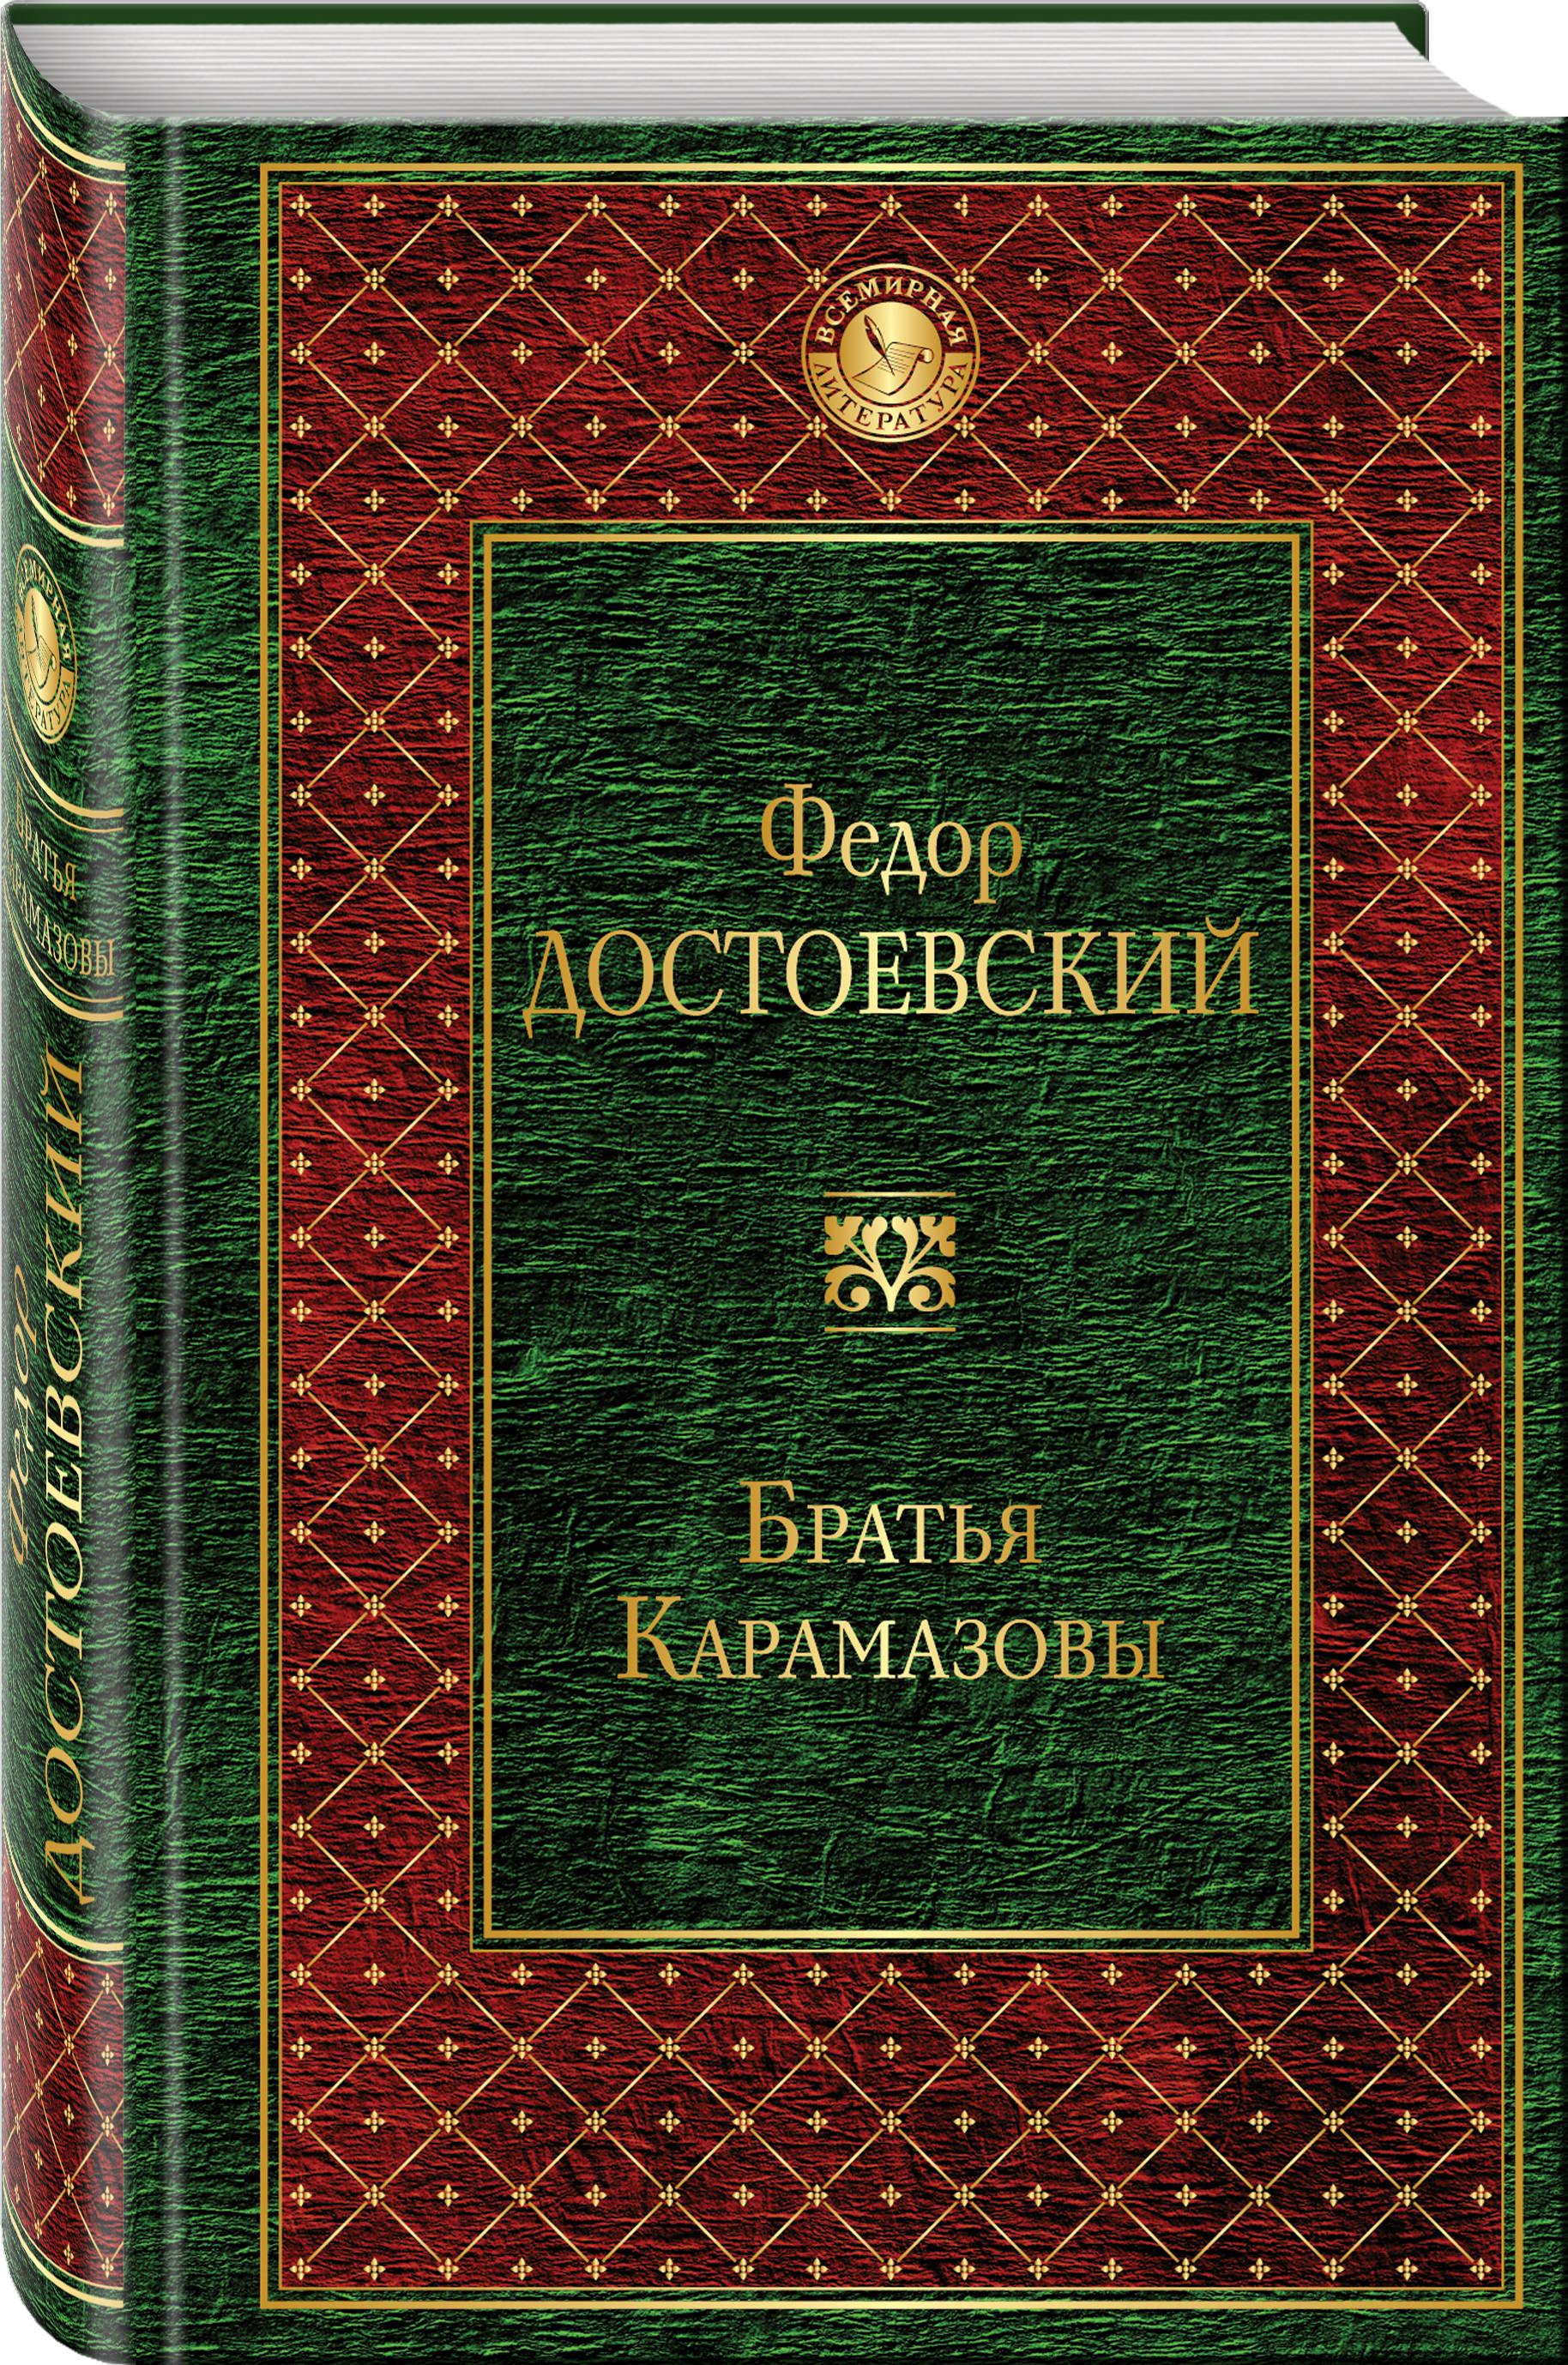 Федор Достоевский Братья Карамазовы ISBN: 978-5-699-96410-9, 978-5-699-45818-9, 978-5-699-88400-1